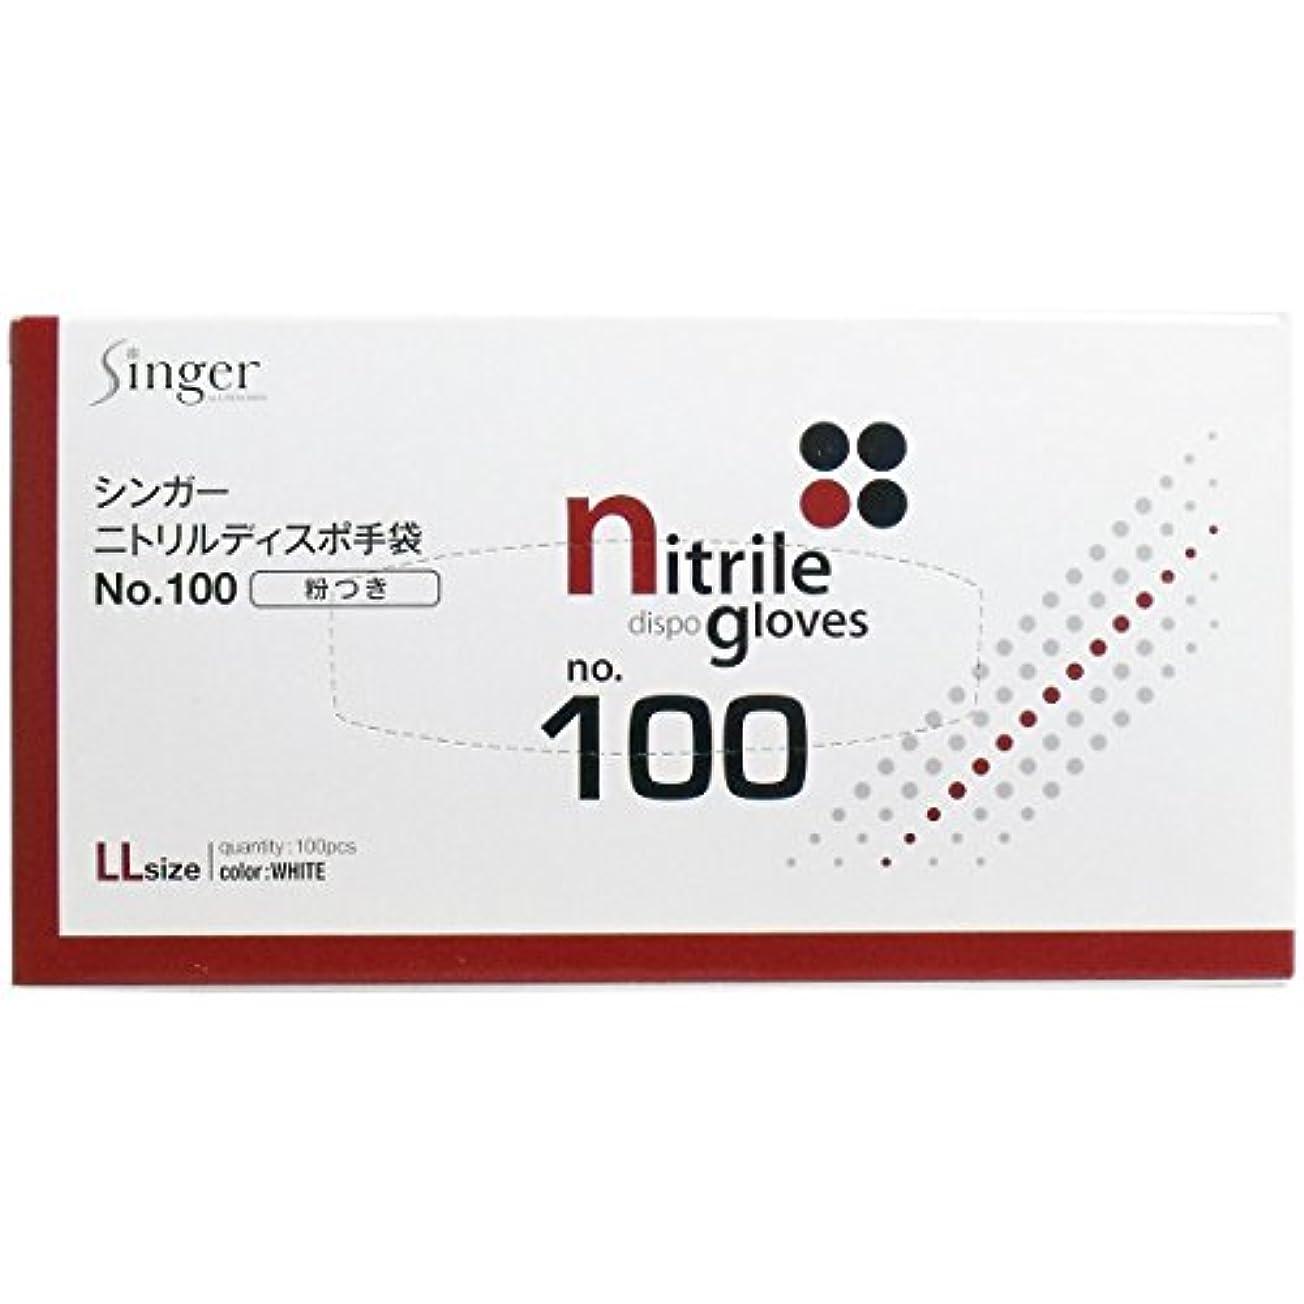 確かな製品ケイ素シンガーニトリルディスポ手袋 No.100 白 粉付 LLサイズ 100枚×20箱入